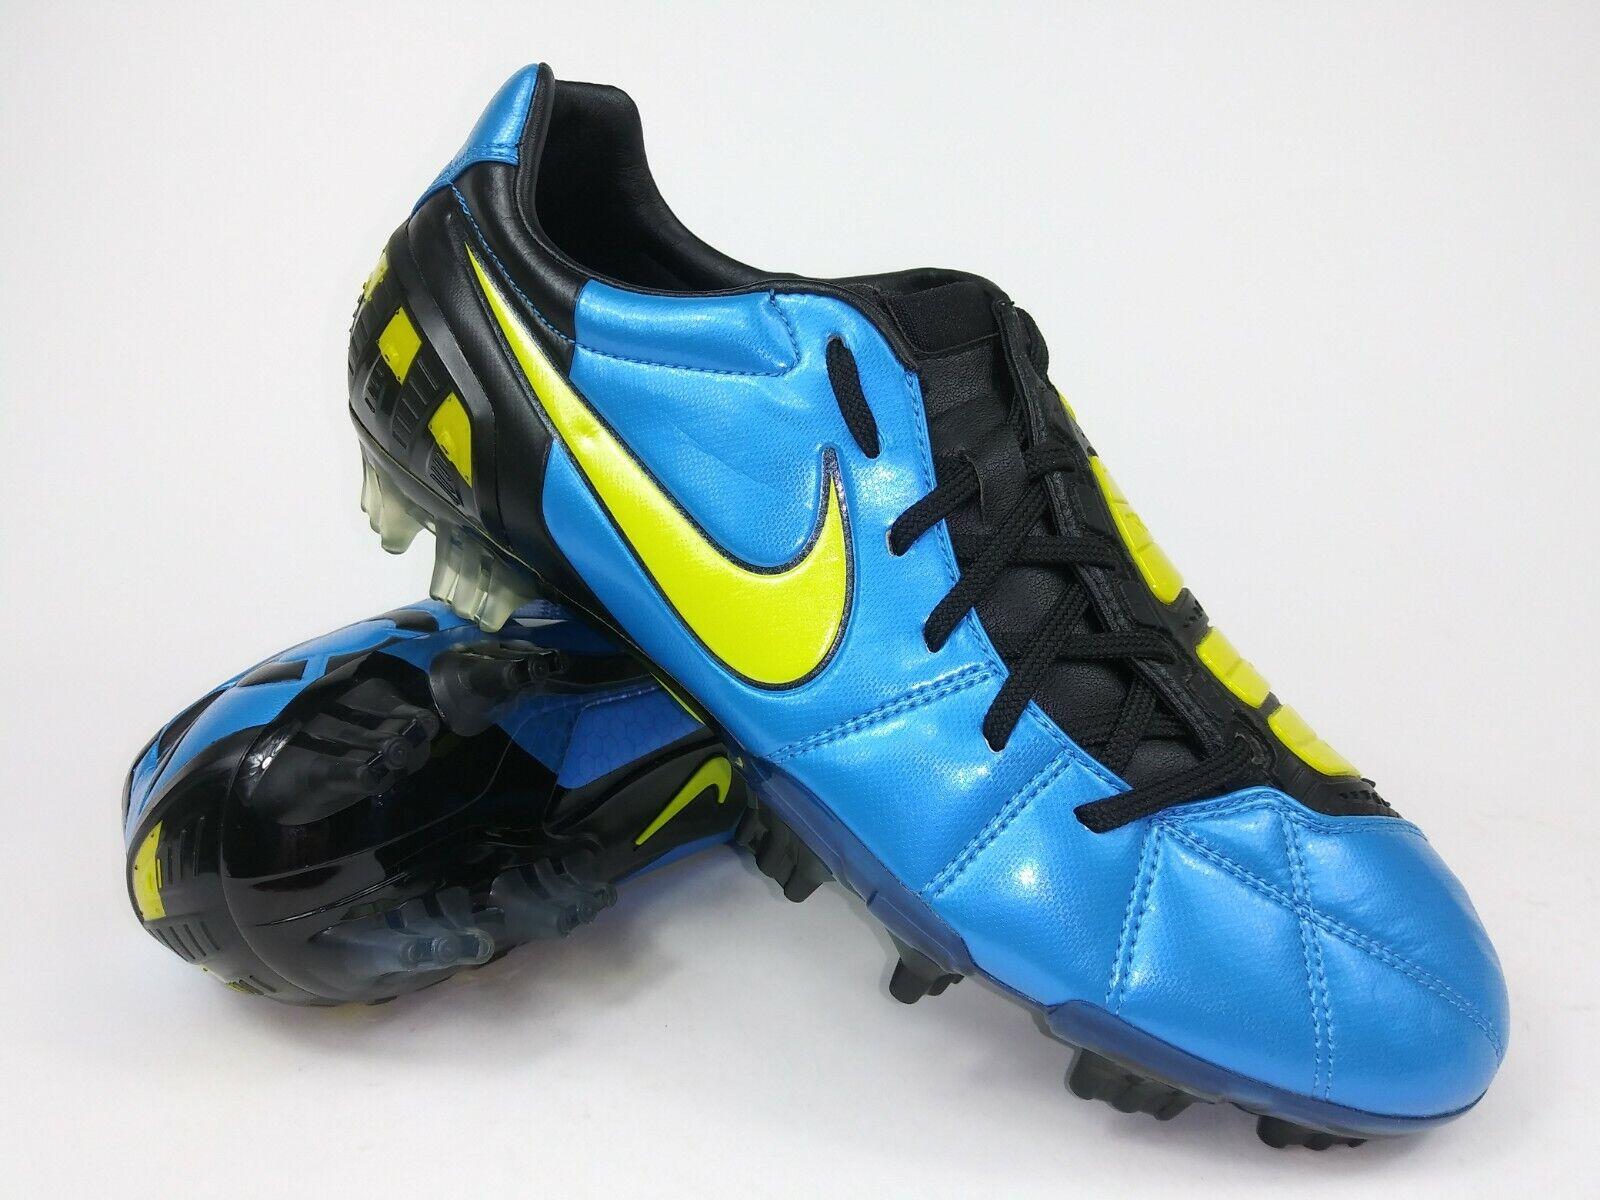 Nike Hombre Rareza Total90 Laser Lll Fg 385423 471 Azul Negro Tacos botas